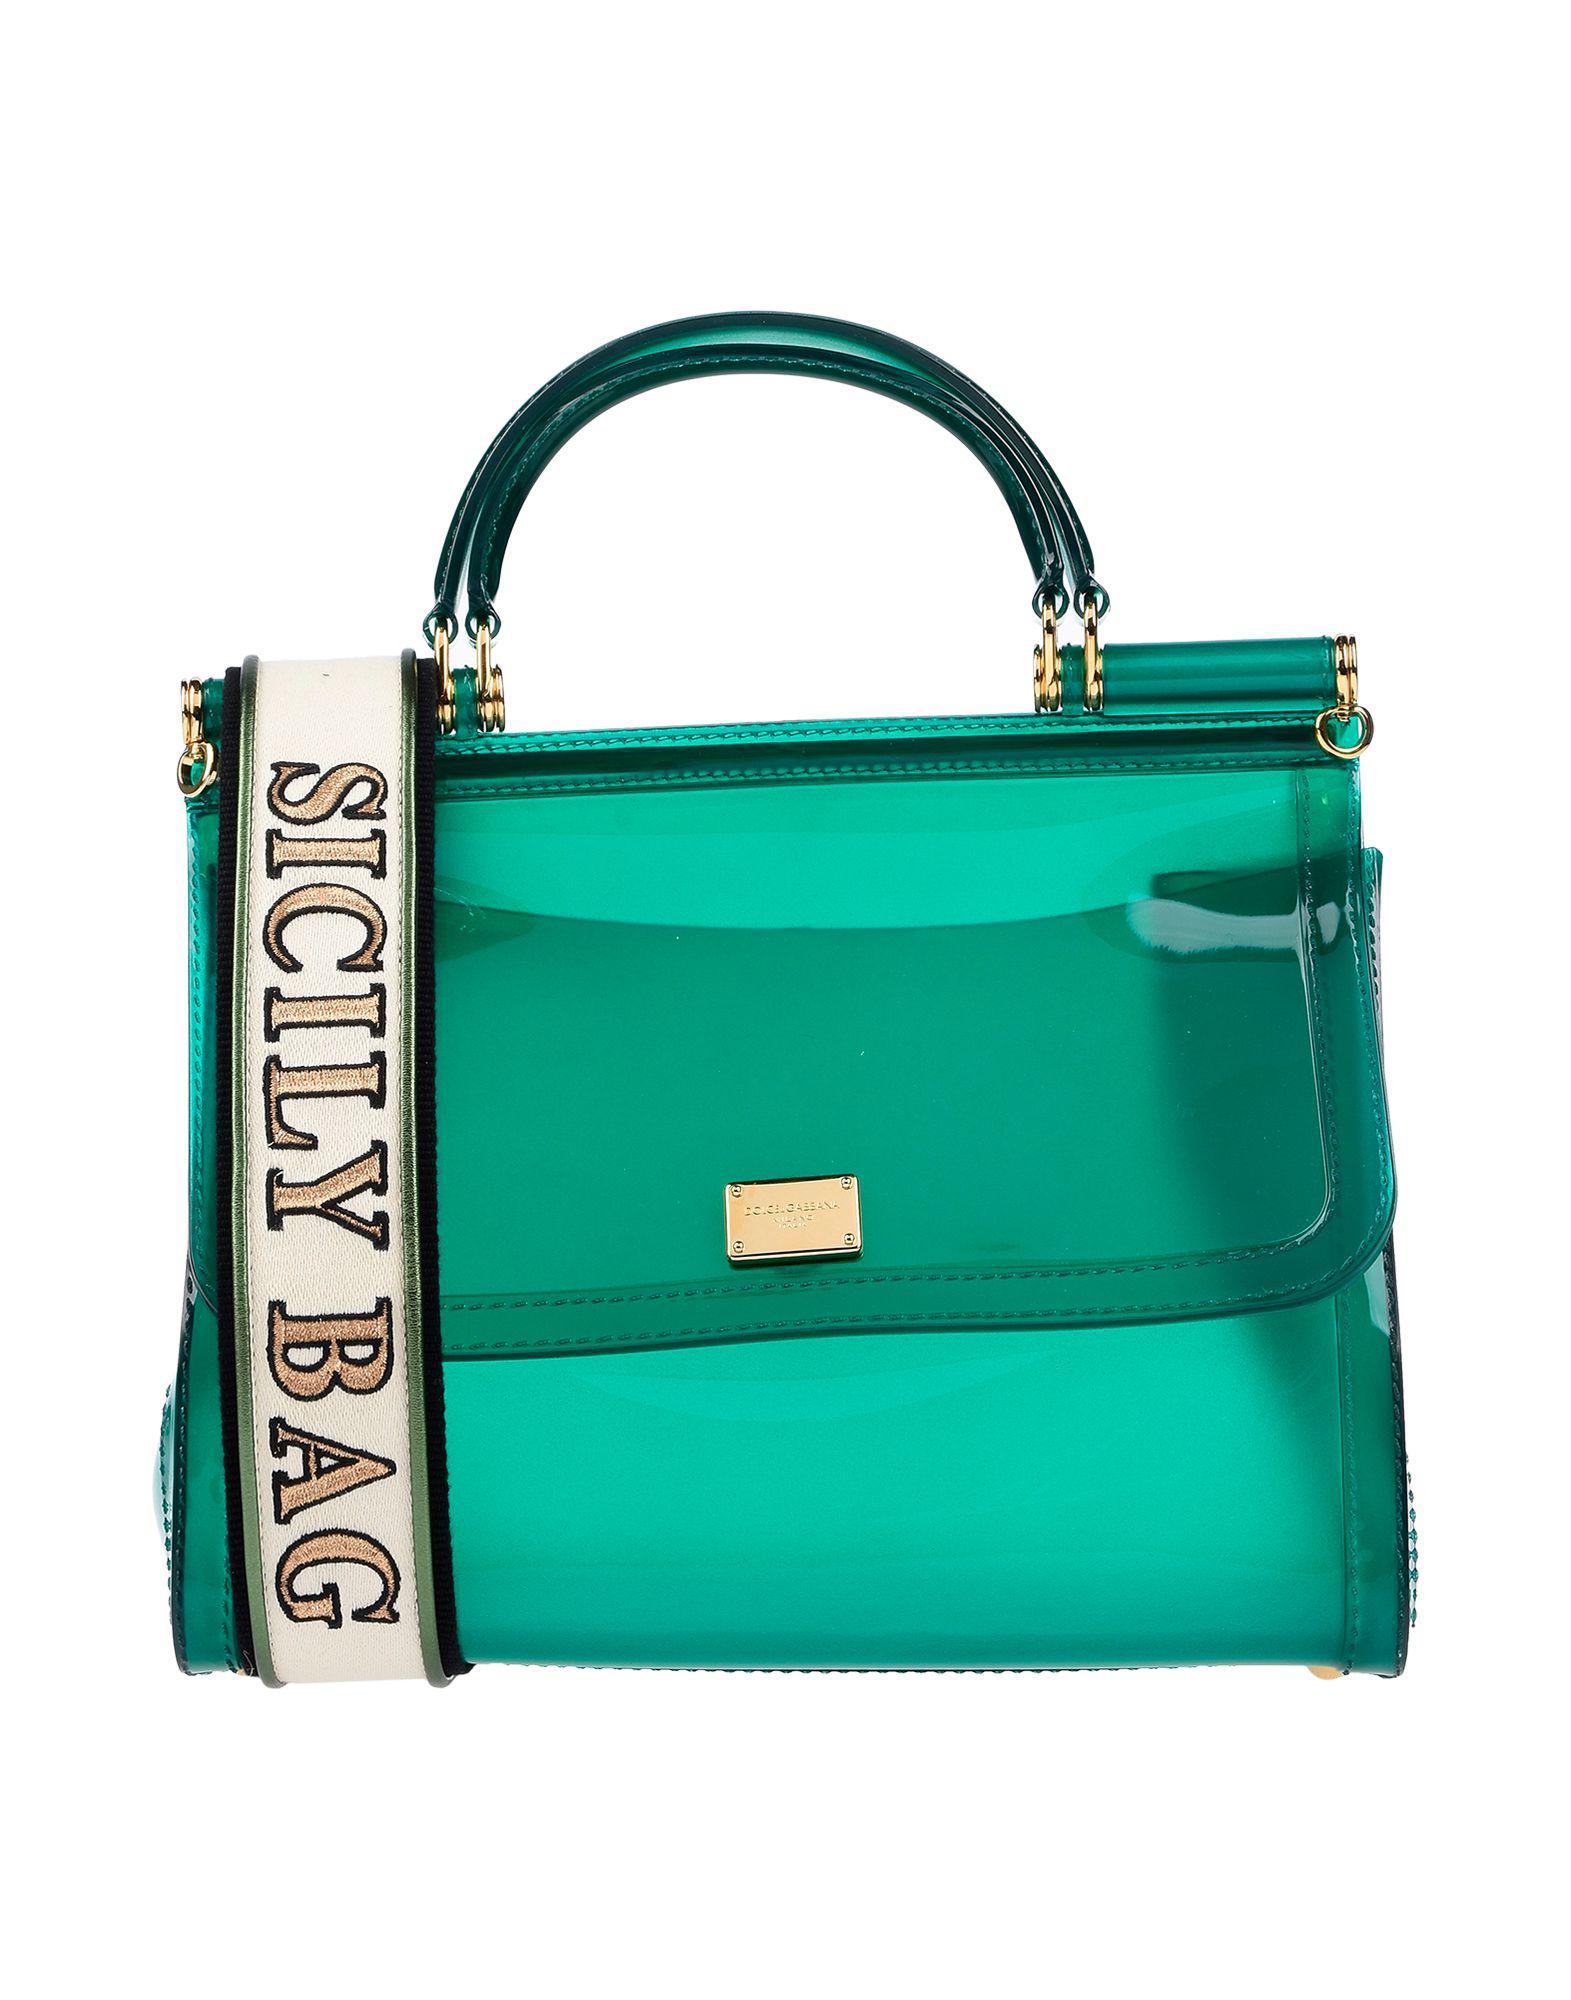 ecb483570d Lyst - Dolce   Gabbana Handbag in Green - Save 30%